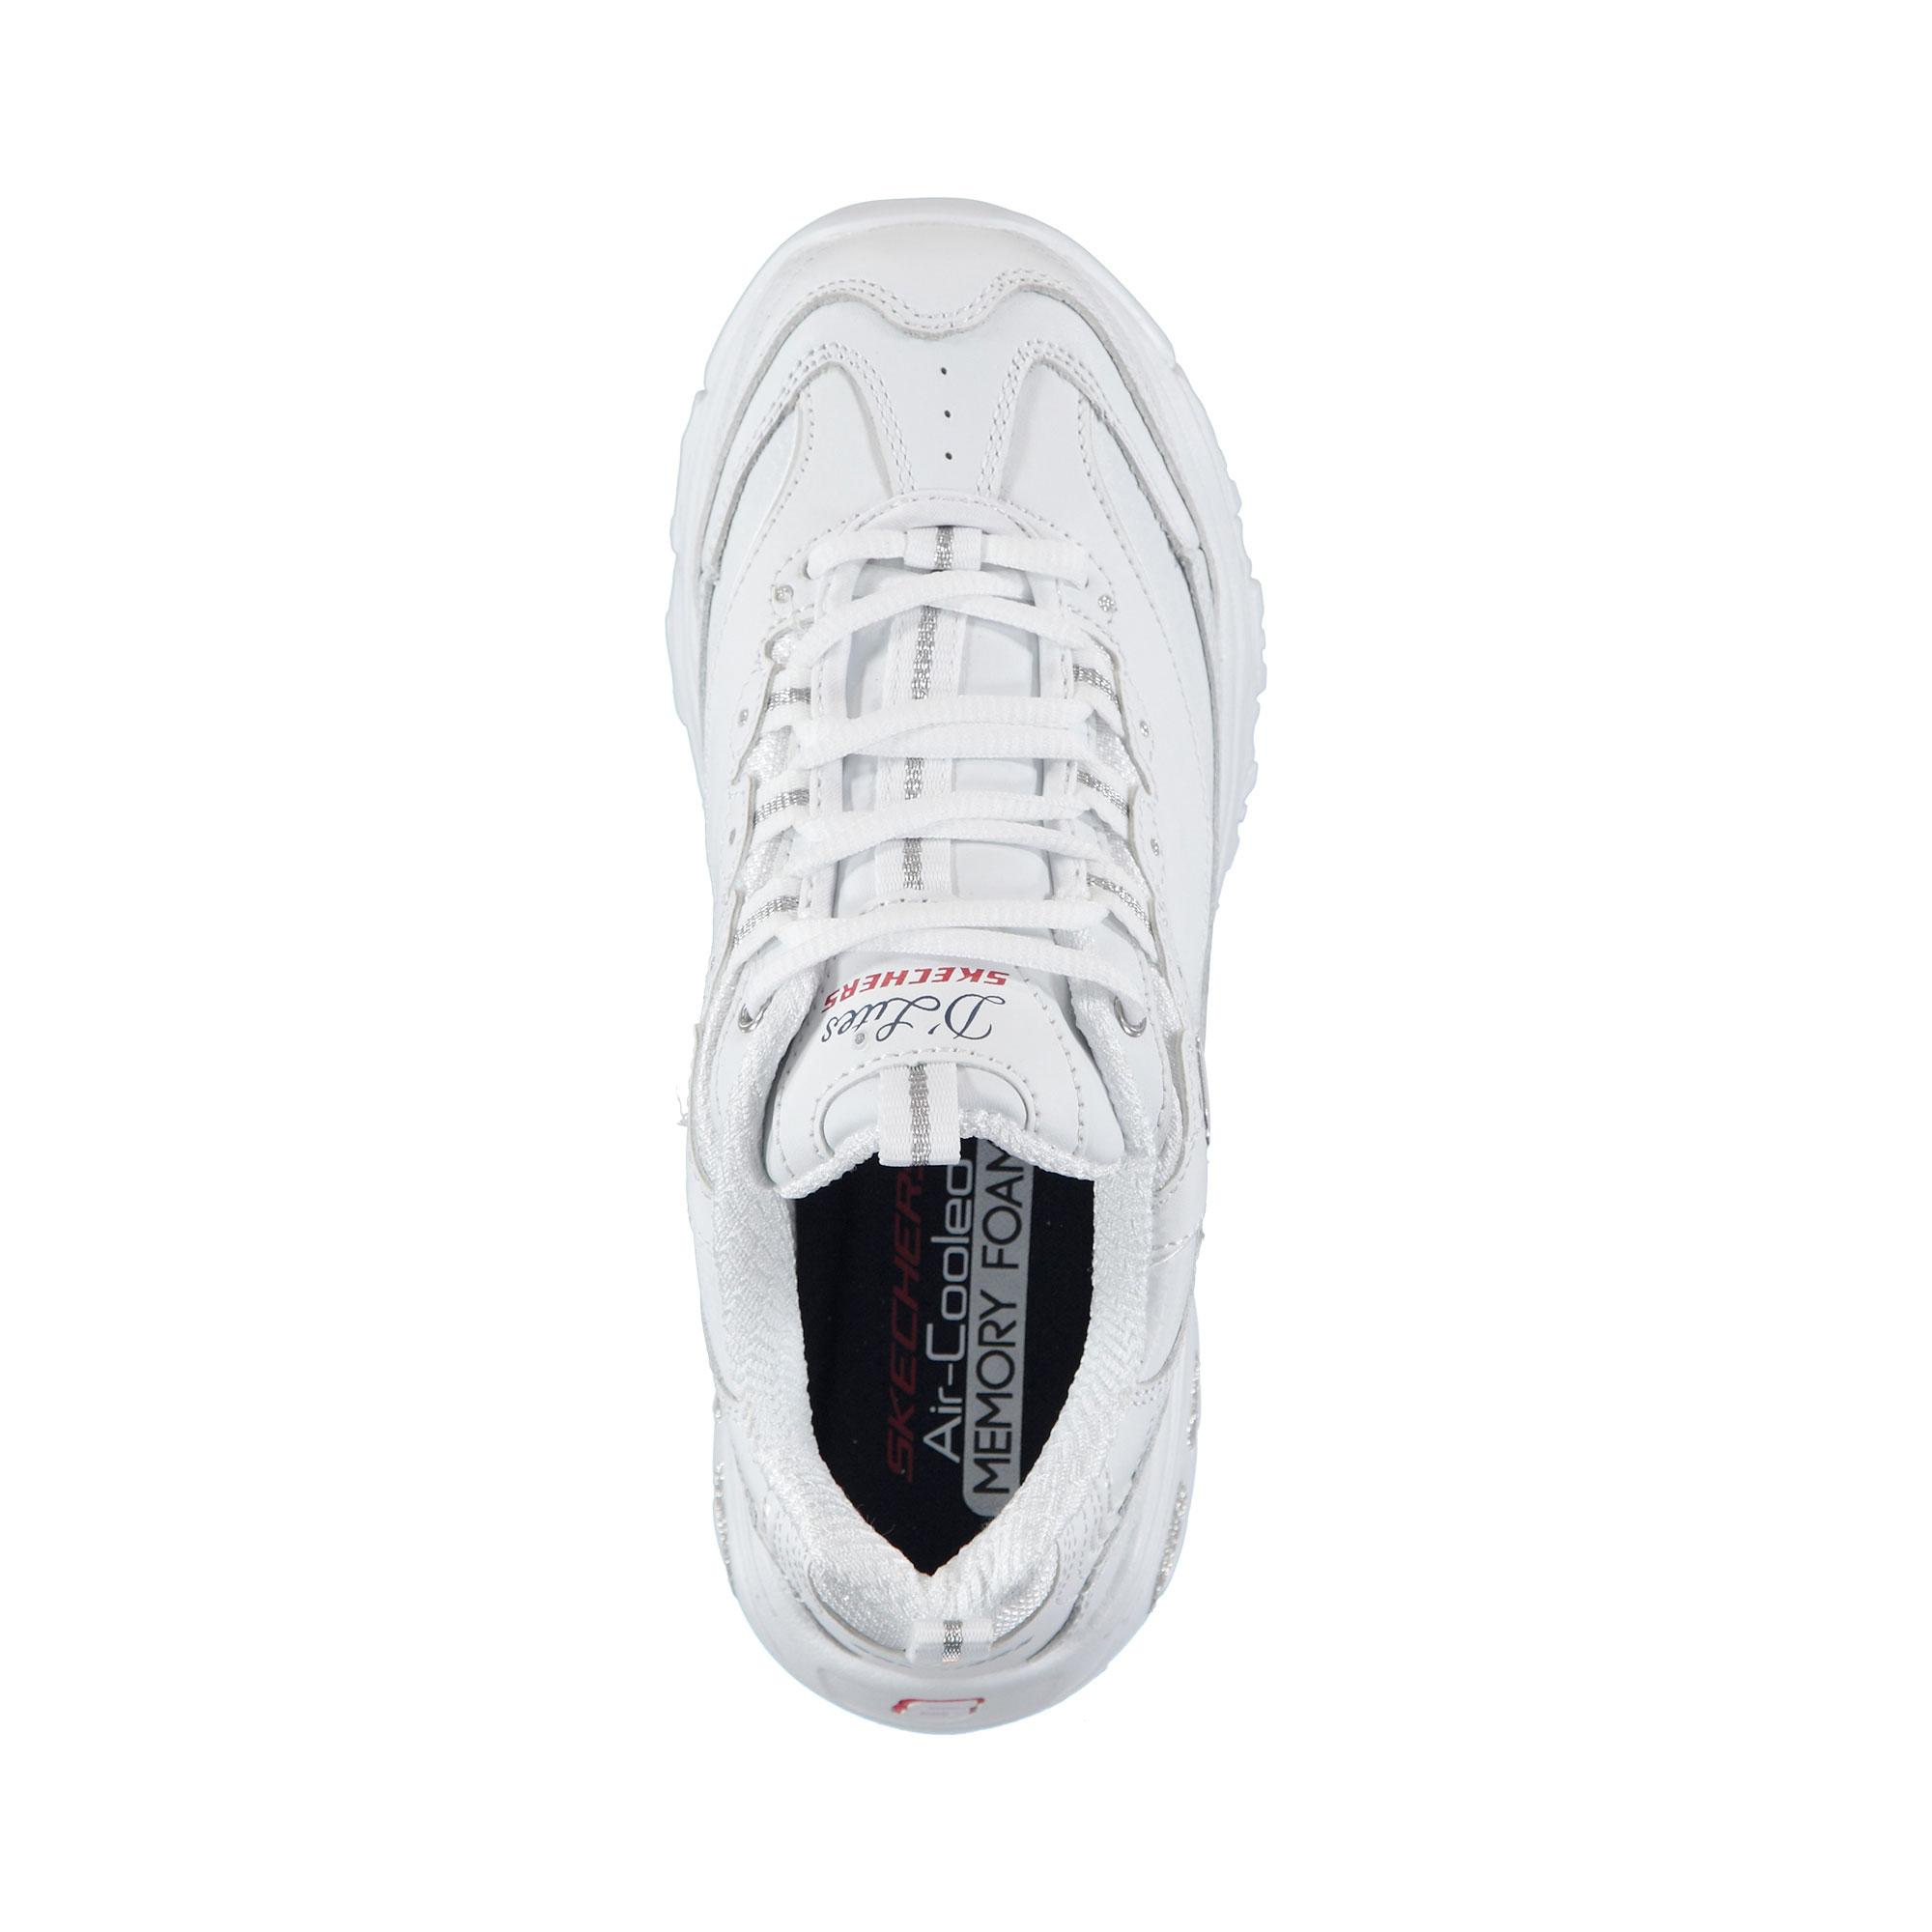 Skechers D'Lites - Fresh Start Kadın Beyaz-Lacivert-Kırmızı Spor Ayakkabı